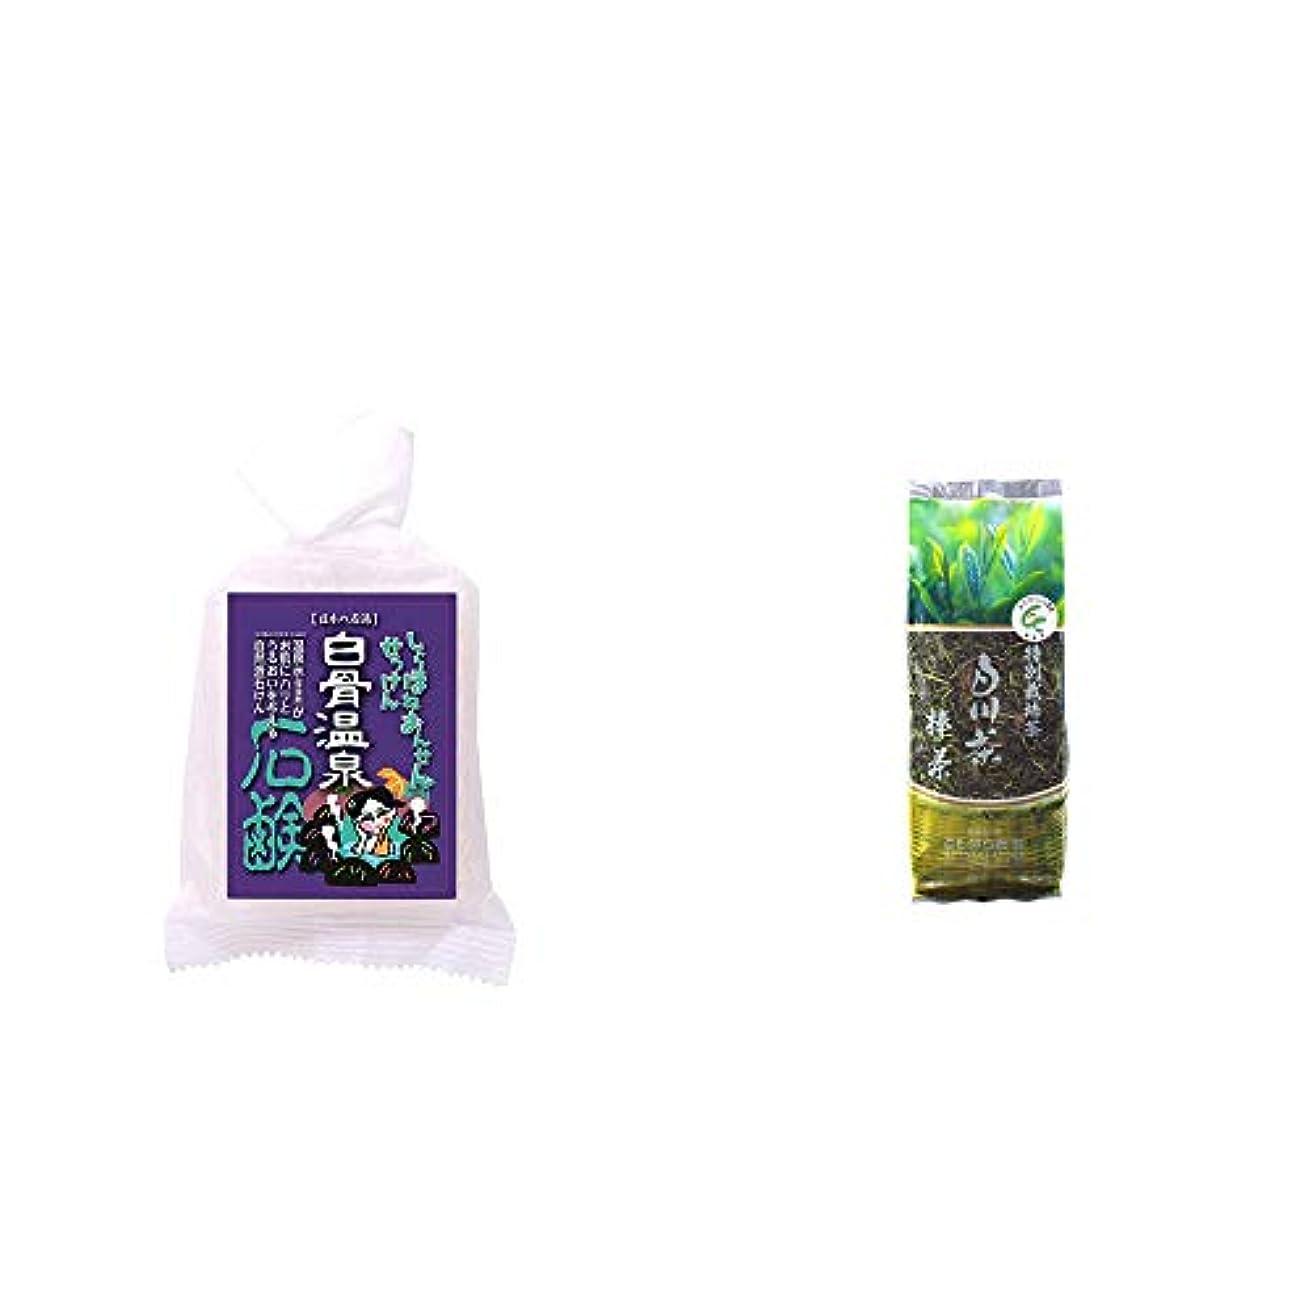 ライド令状稼ぐ[2点セット] 信州 白骨温泉石鹸(80g)?白川茶 特別栽培茶【棒茶】(150g)